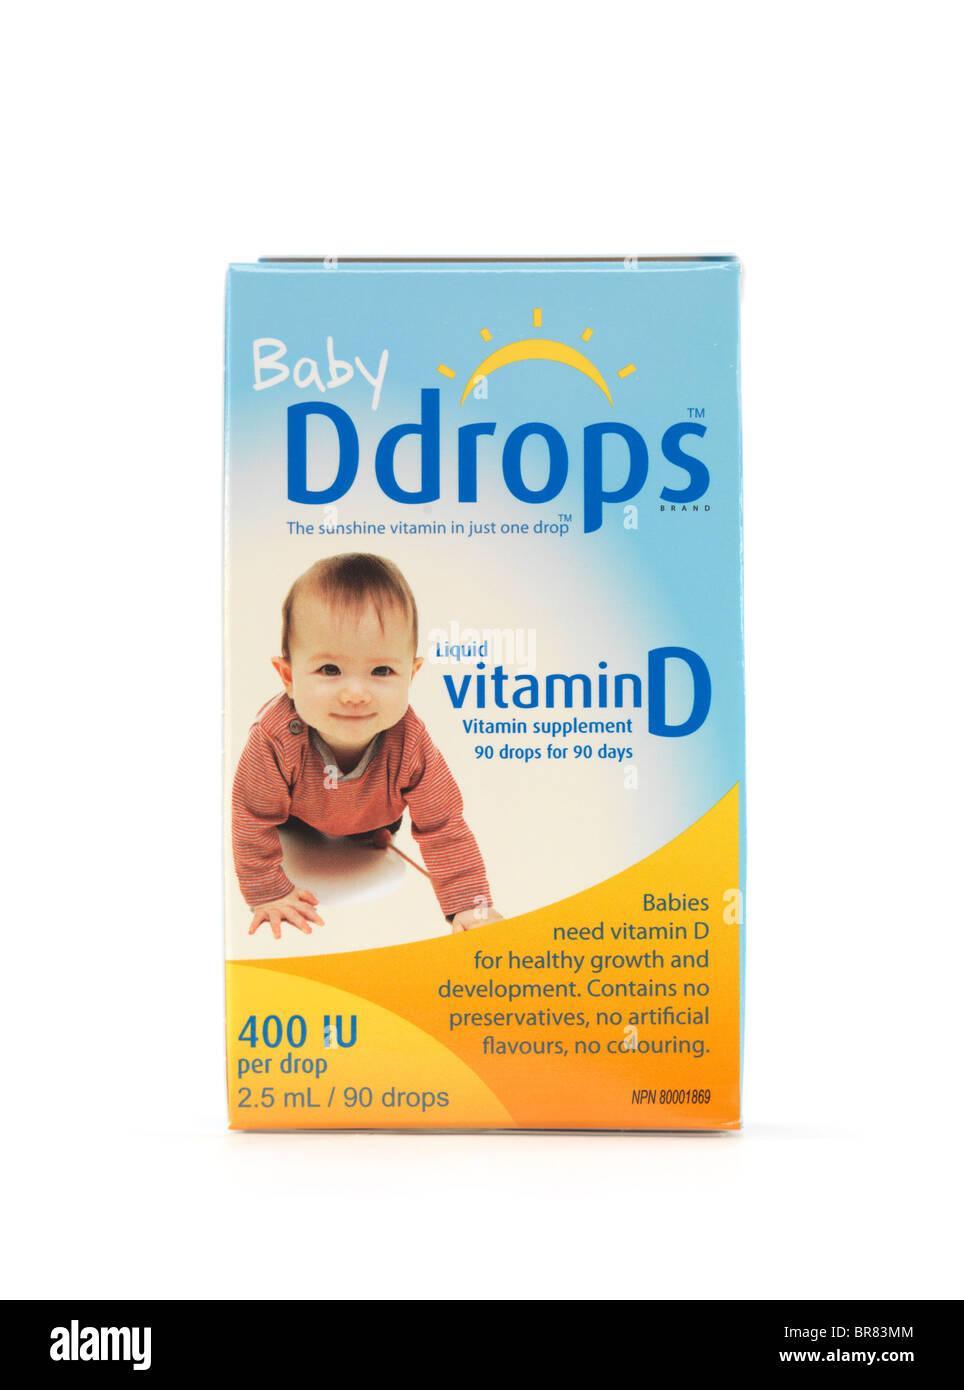 Líquido natural gotas de vitamina D para bebés Ddrops aislado sobre fondo blanco. Imagen De Stock